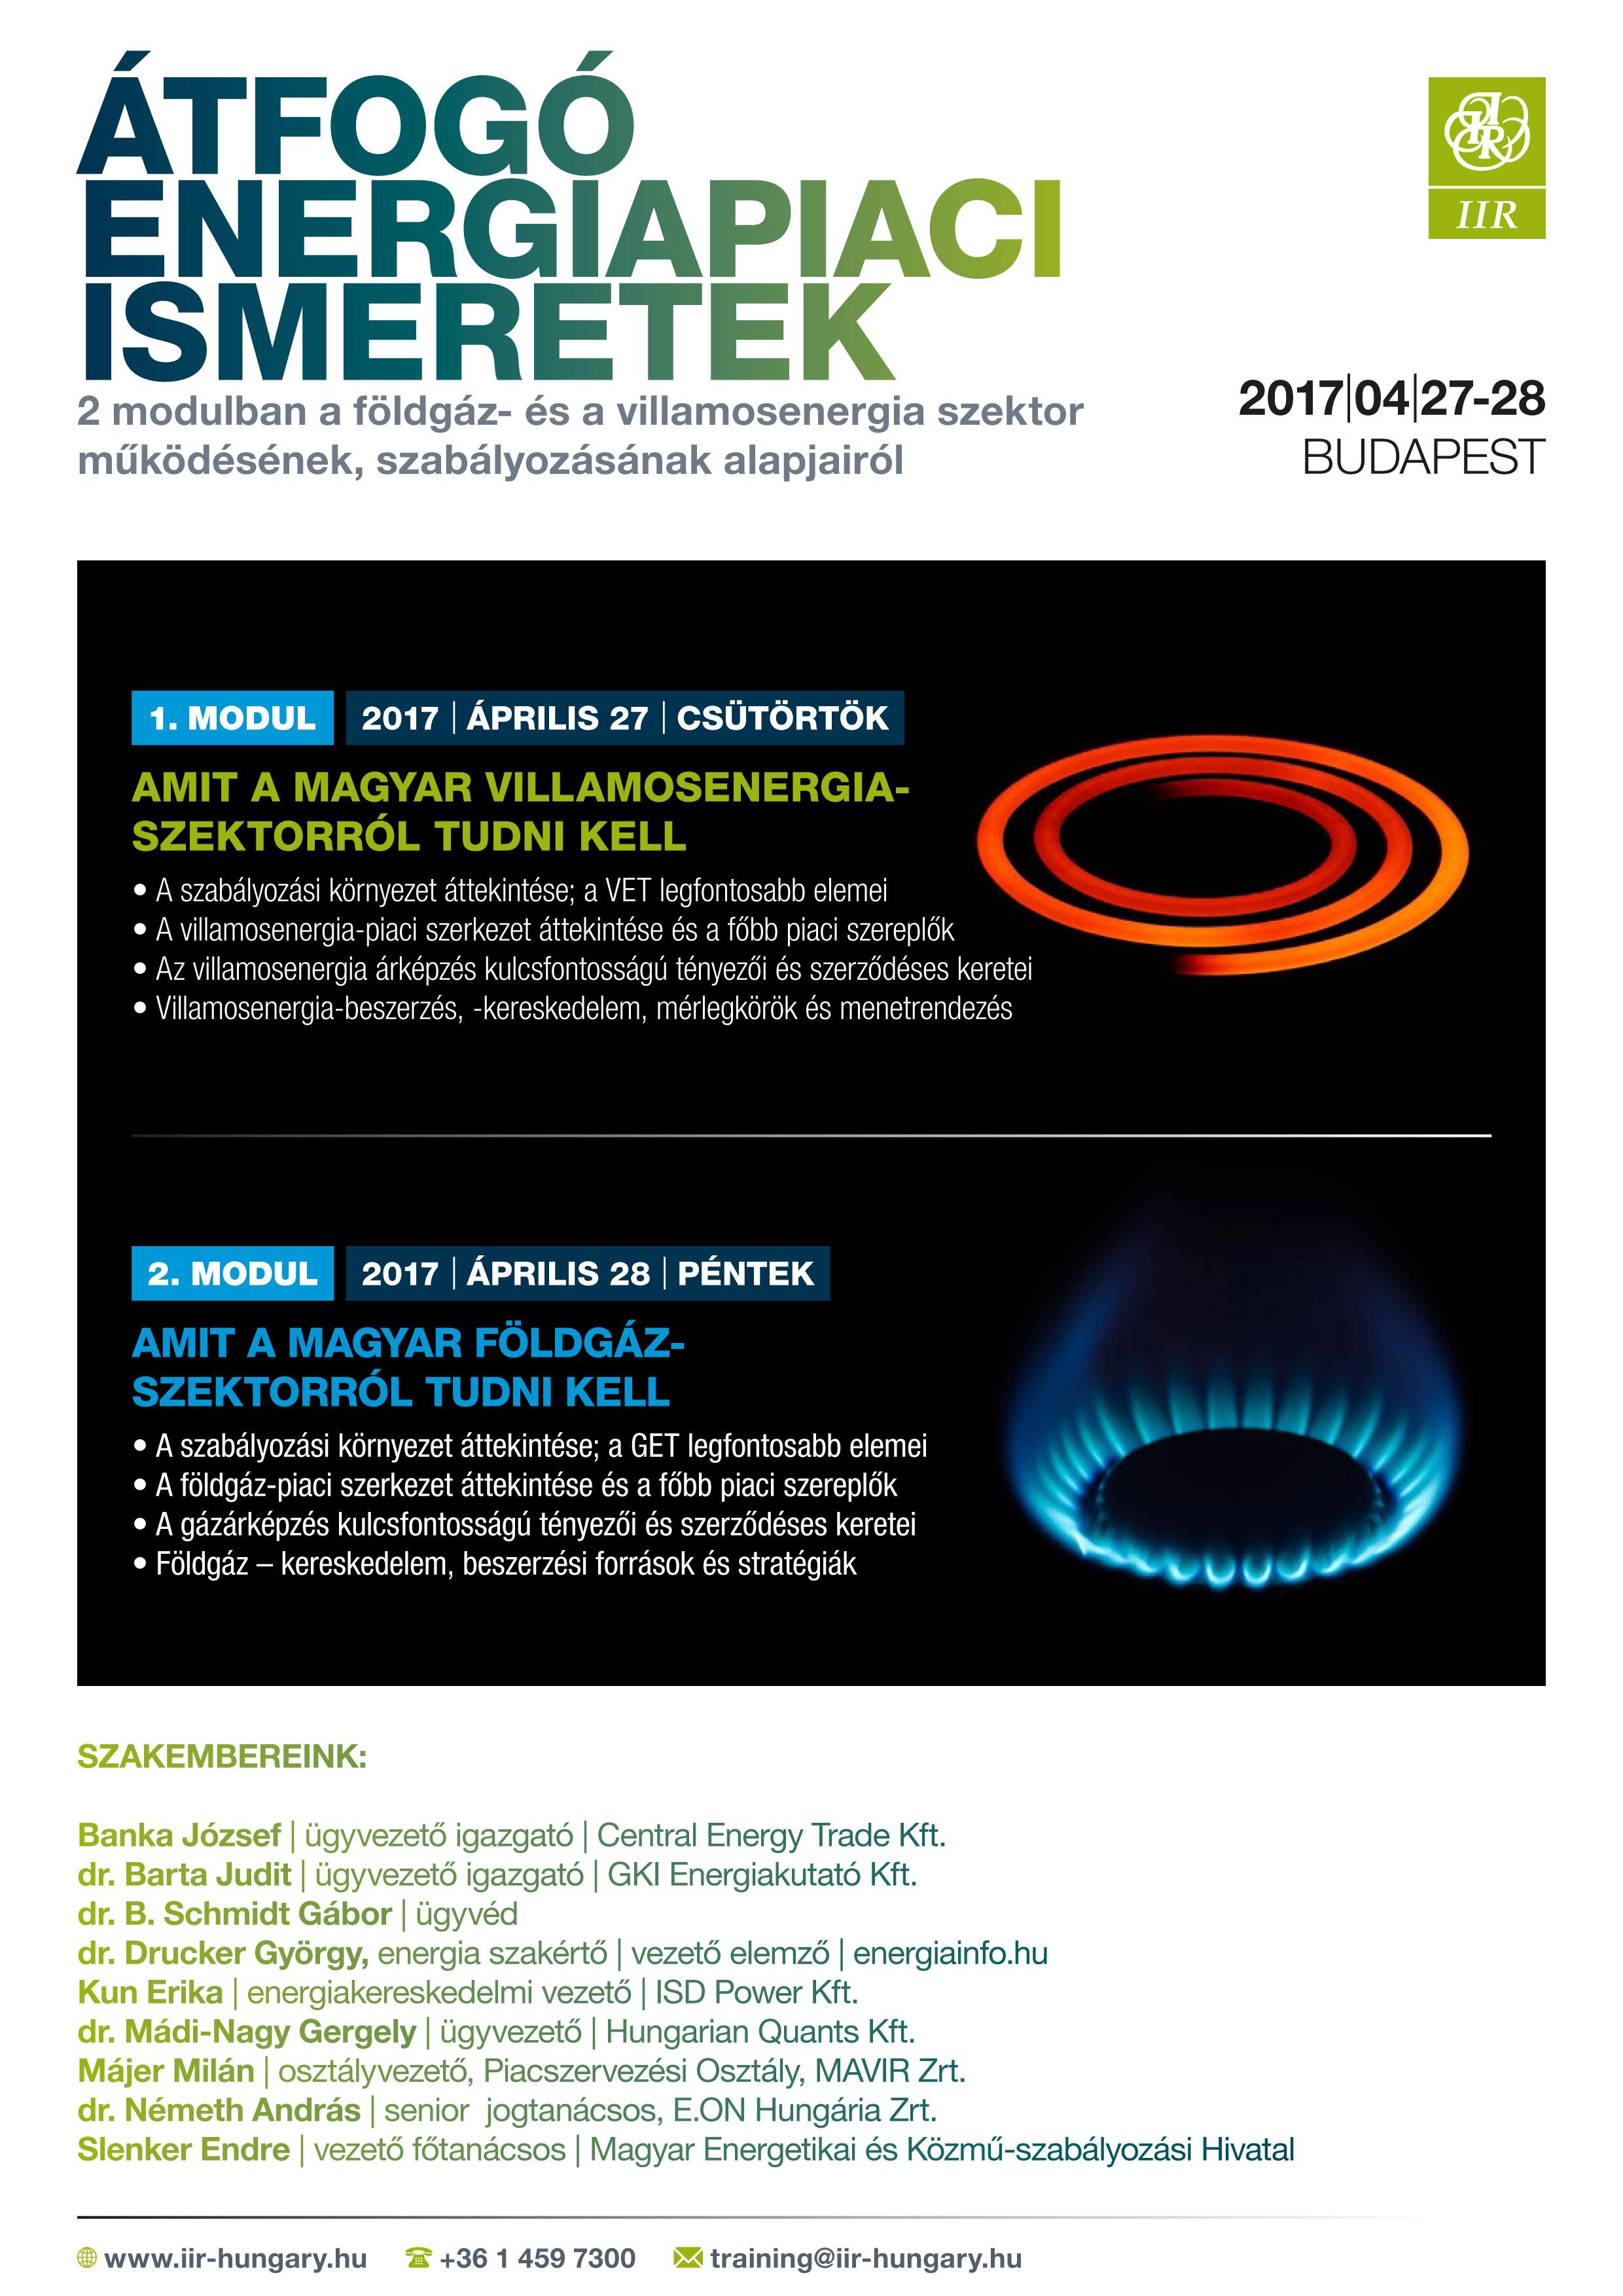 Átfogó energiapiaci ismeretek